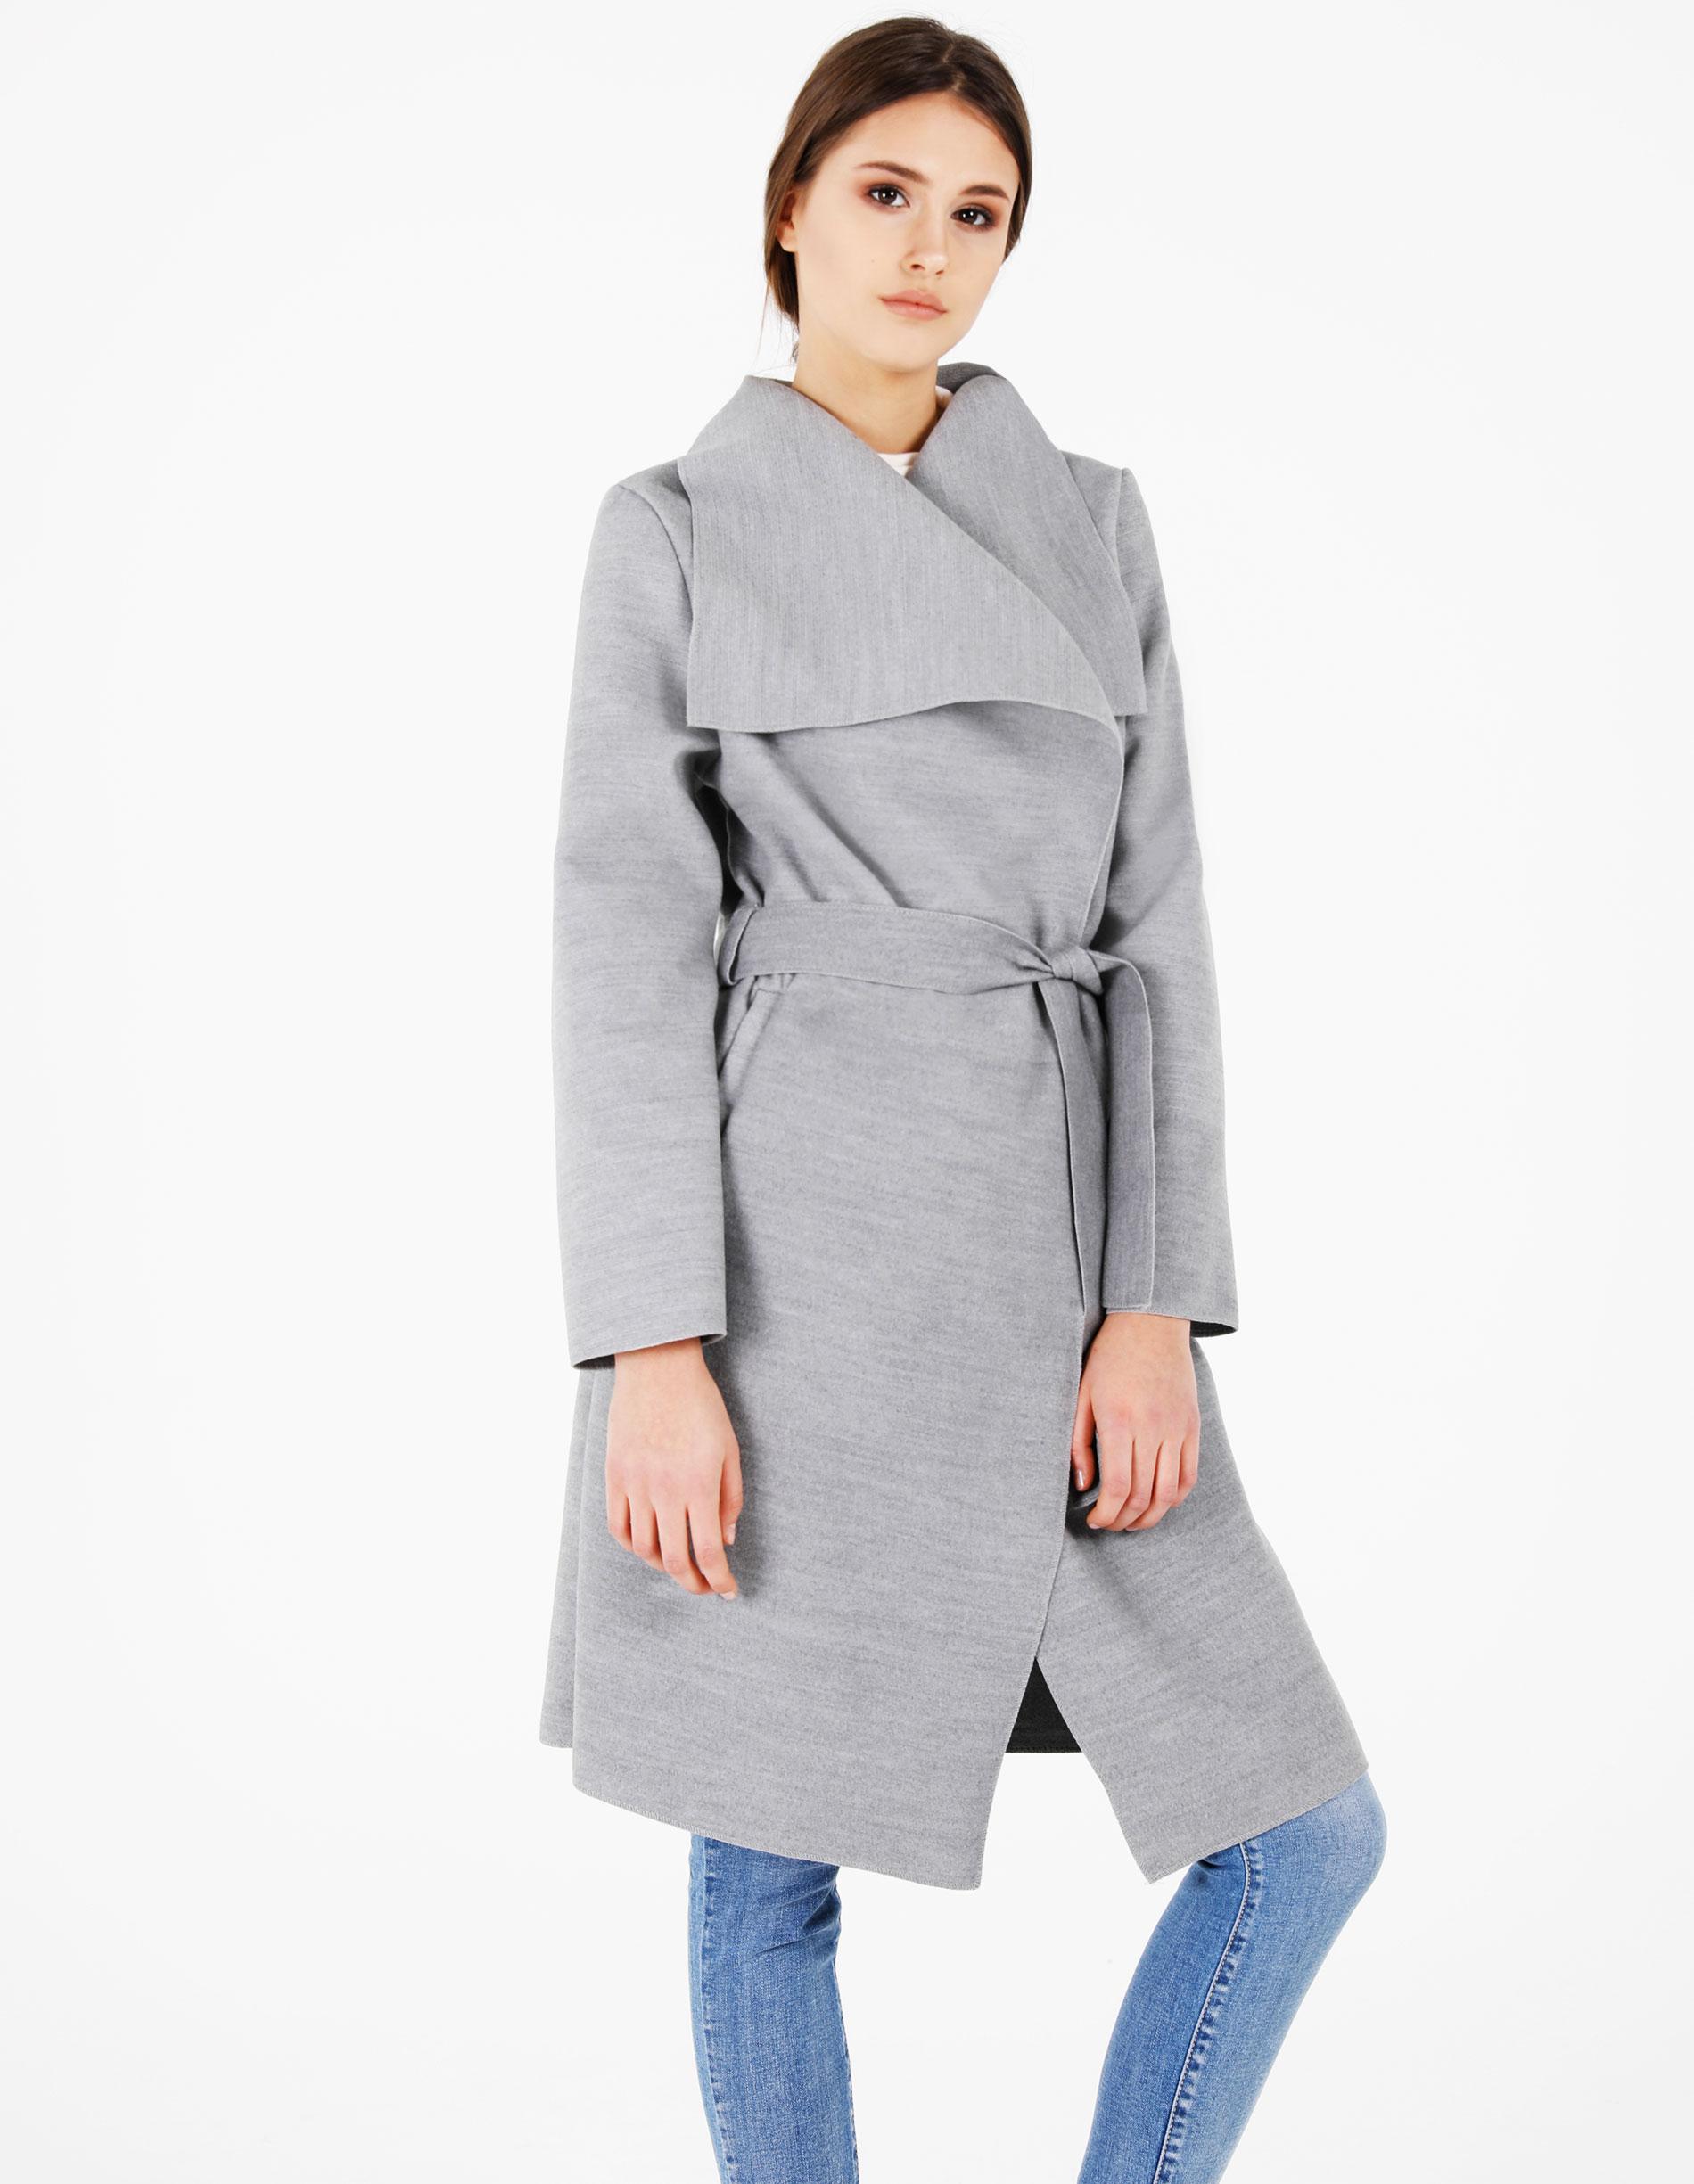 Płaszcz materiałowy - 65-5079L GCW8 - Unisono